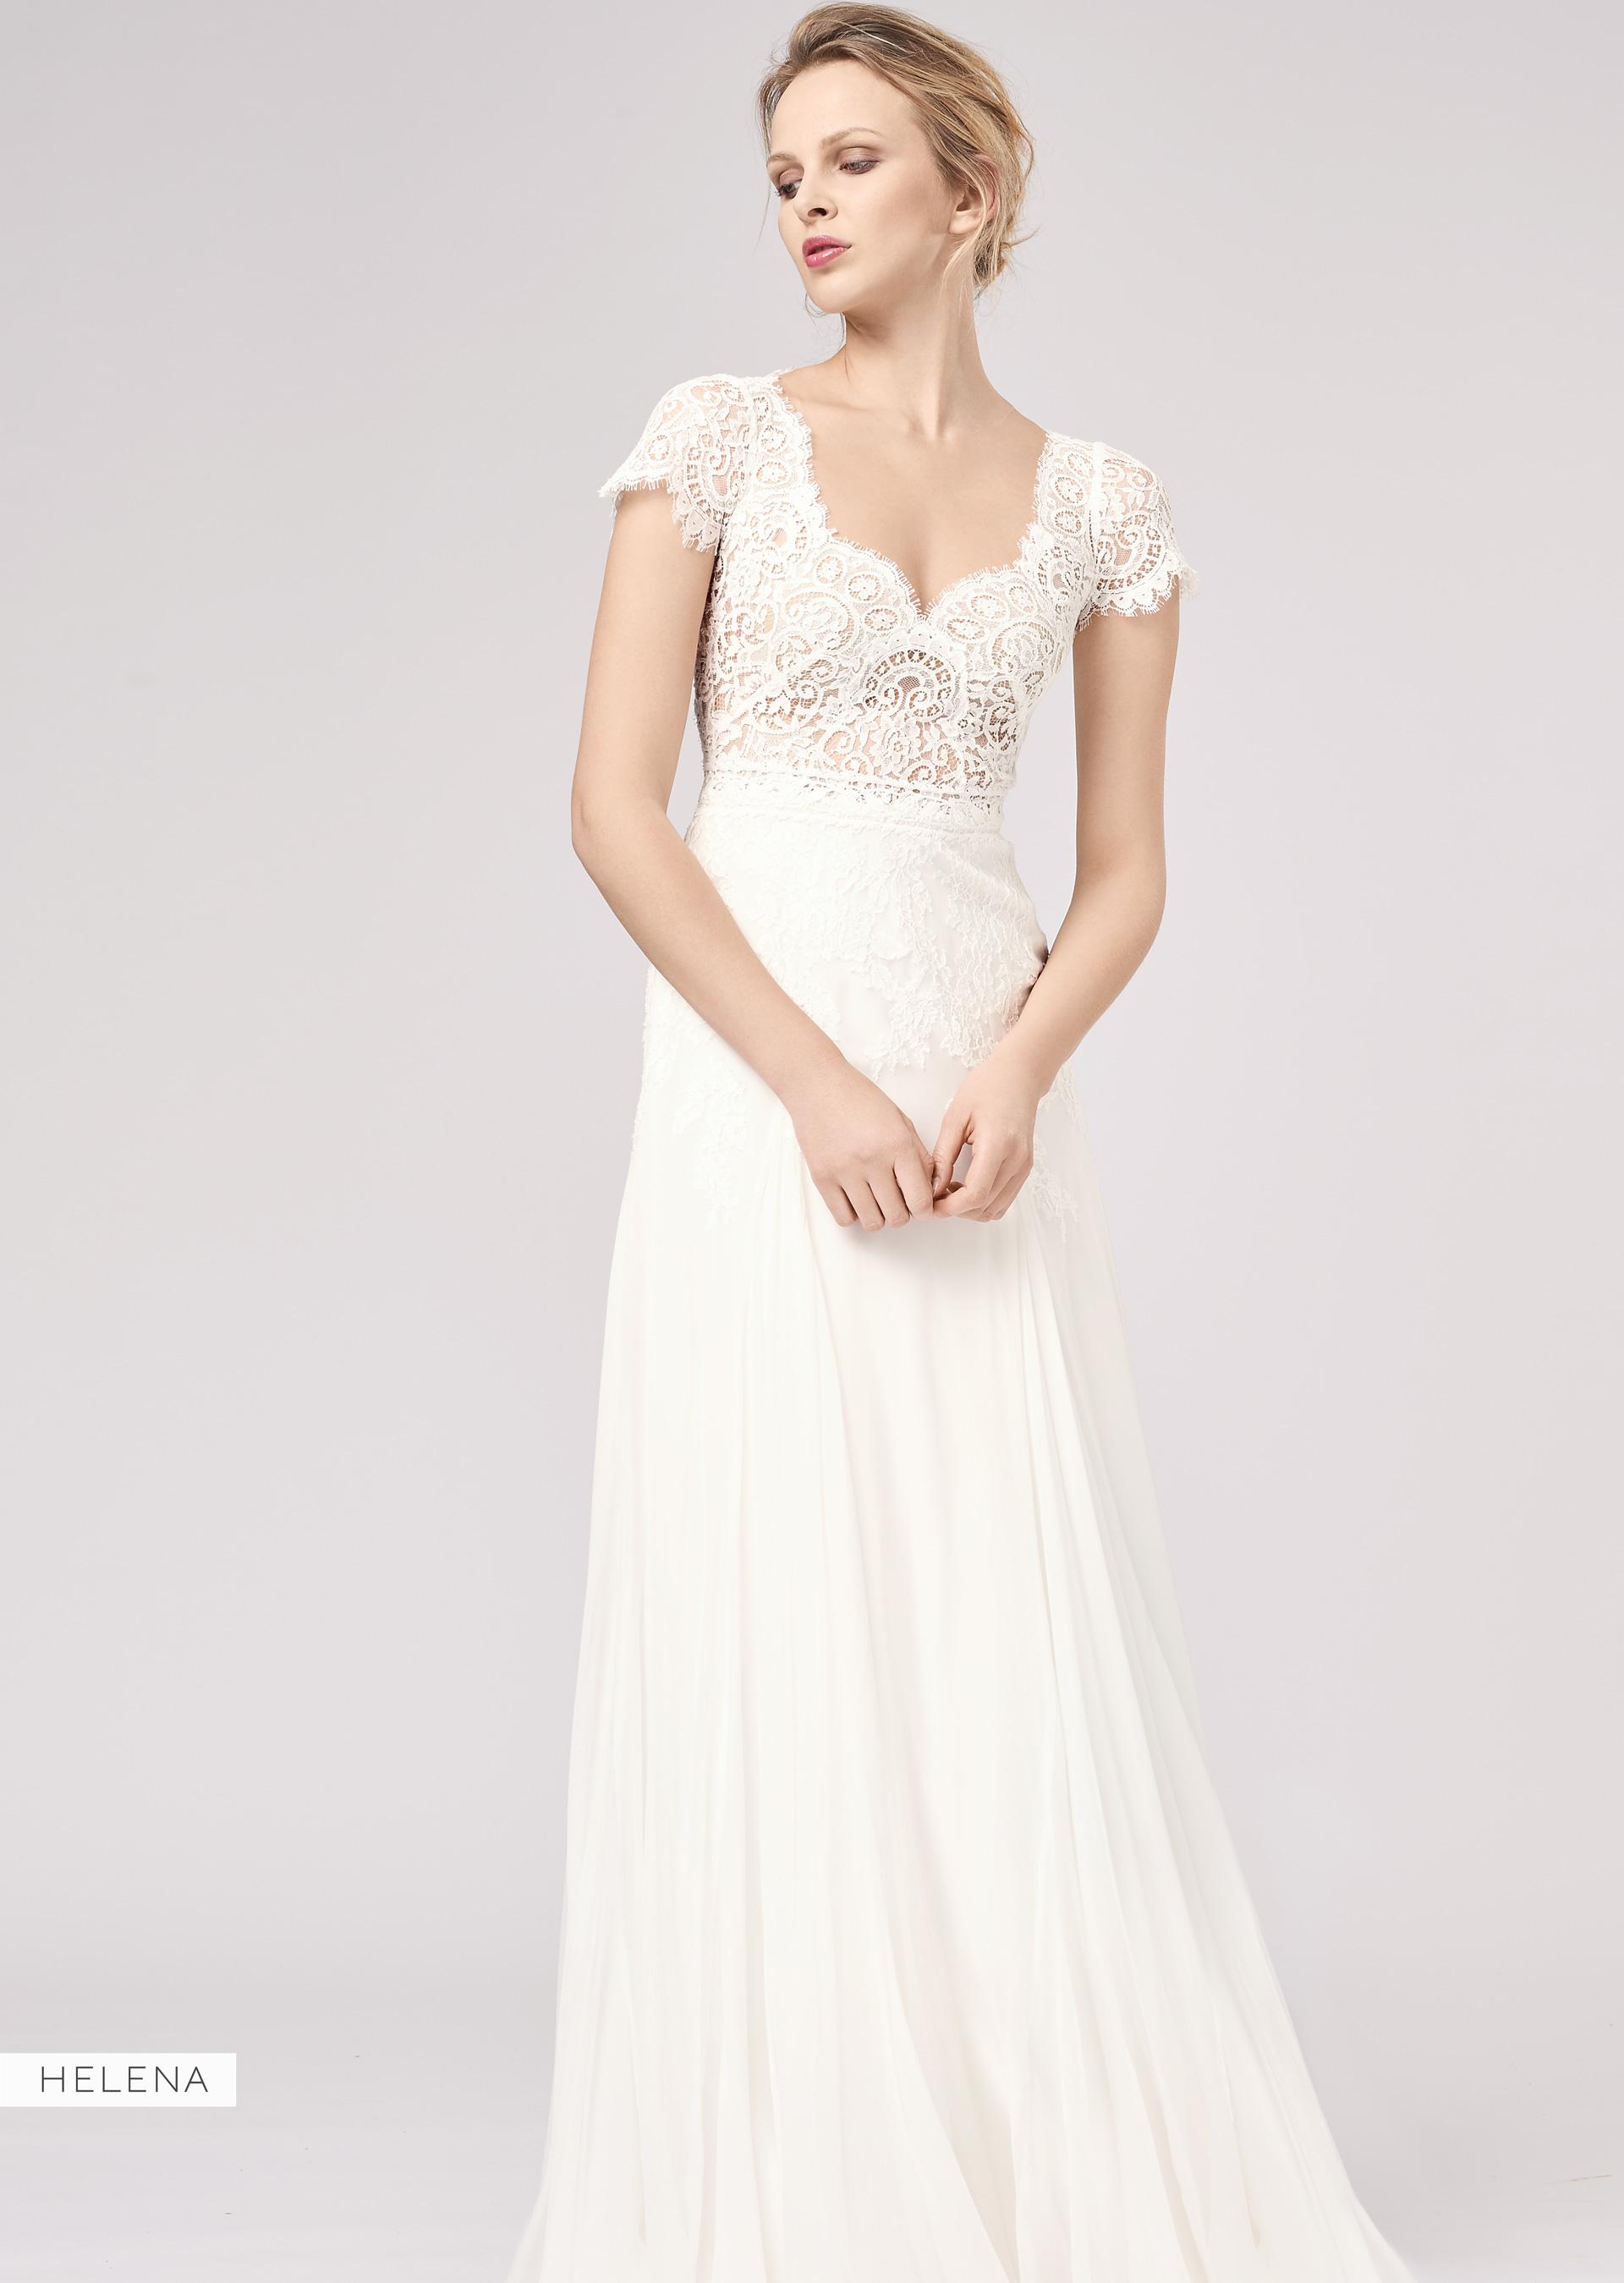 Ungewöhnlich Vintage Stil Brautkleider In übergröße Zeitgenössisch ...